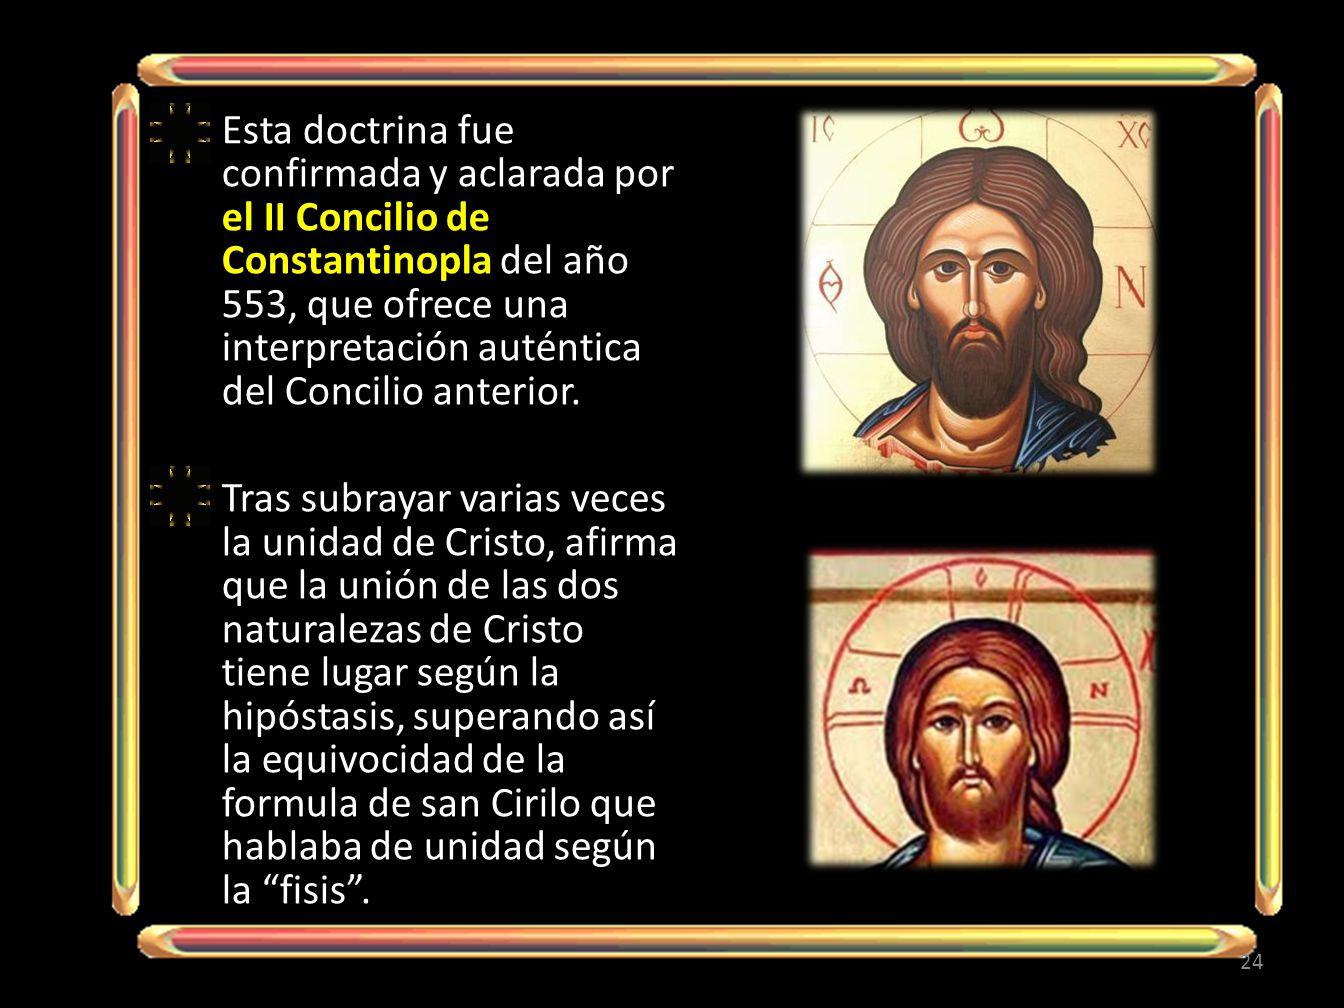 Esta doctrina fue confirmada y aclarada por el II Concilio de Constantinopla del año 553, que ofrece una interpretación auténtica del Concilio anterior.